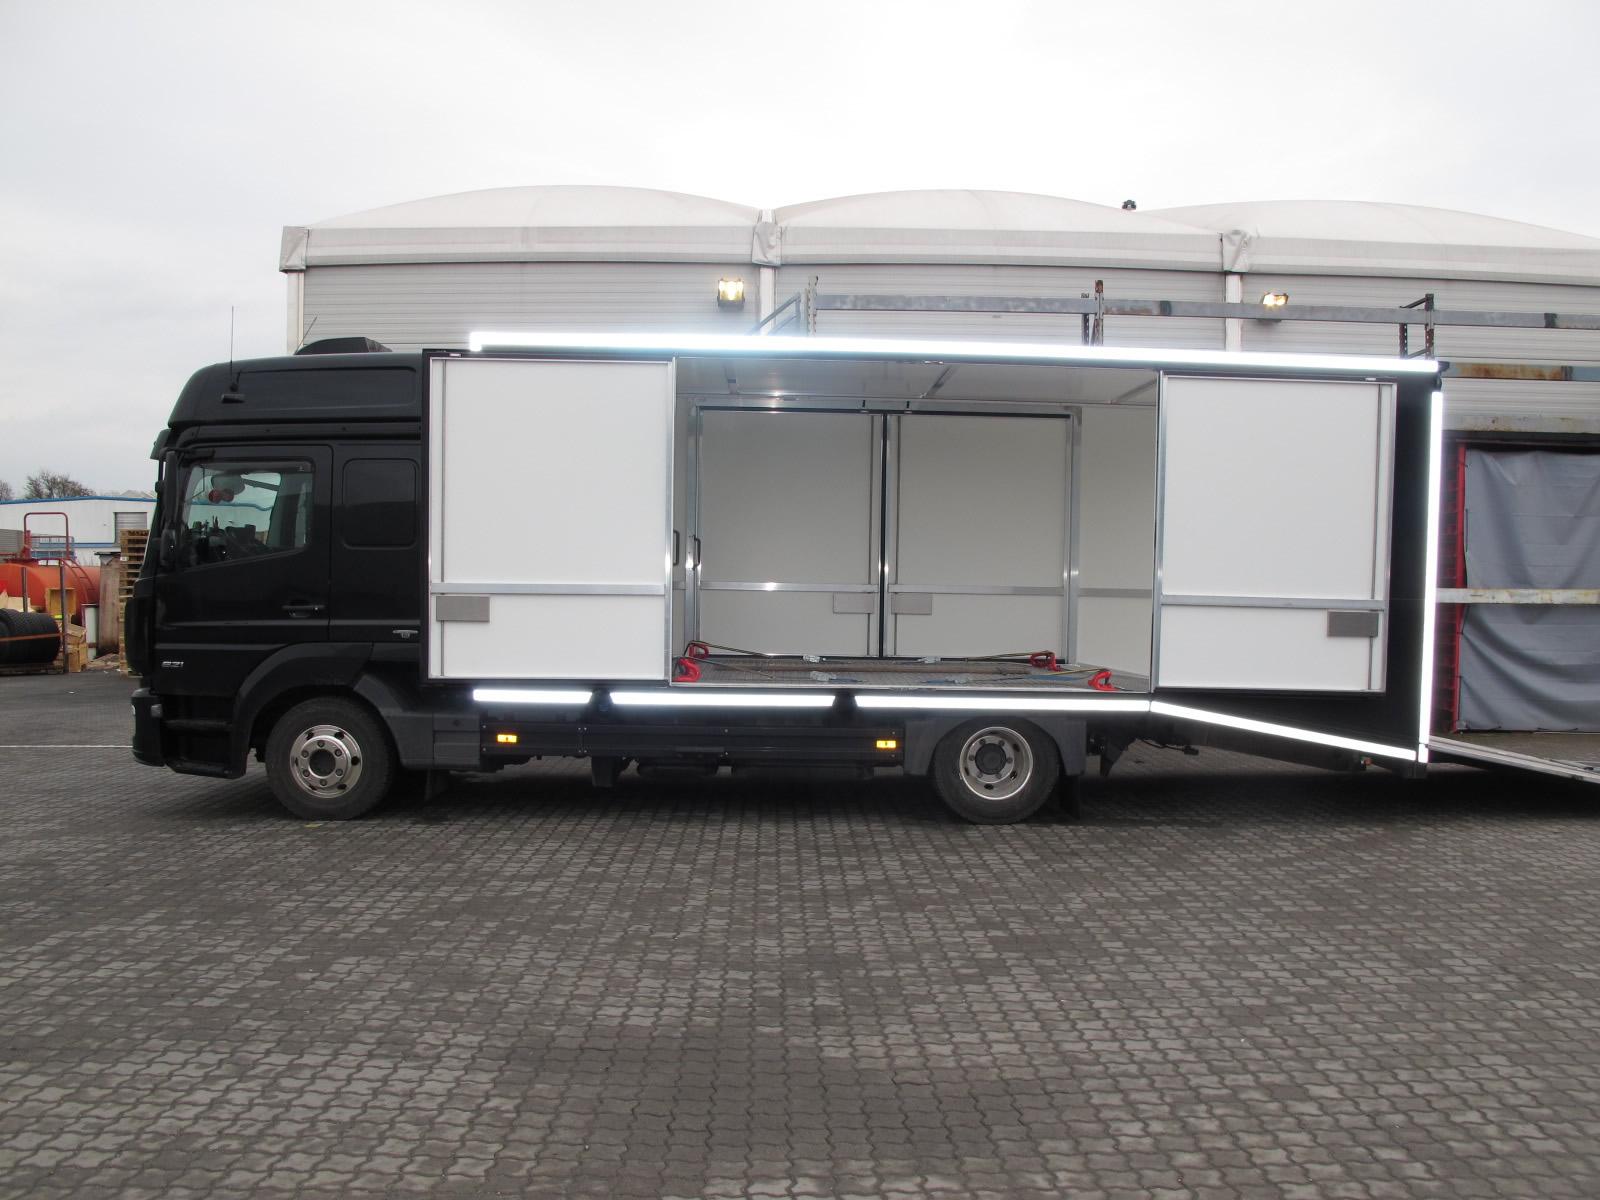 lkw 1er koffer maintaler express logistik gmbh co kg. Black Bedroom Furniture Sets. Home Design Ideas